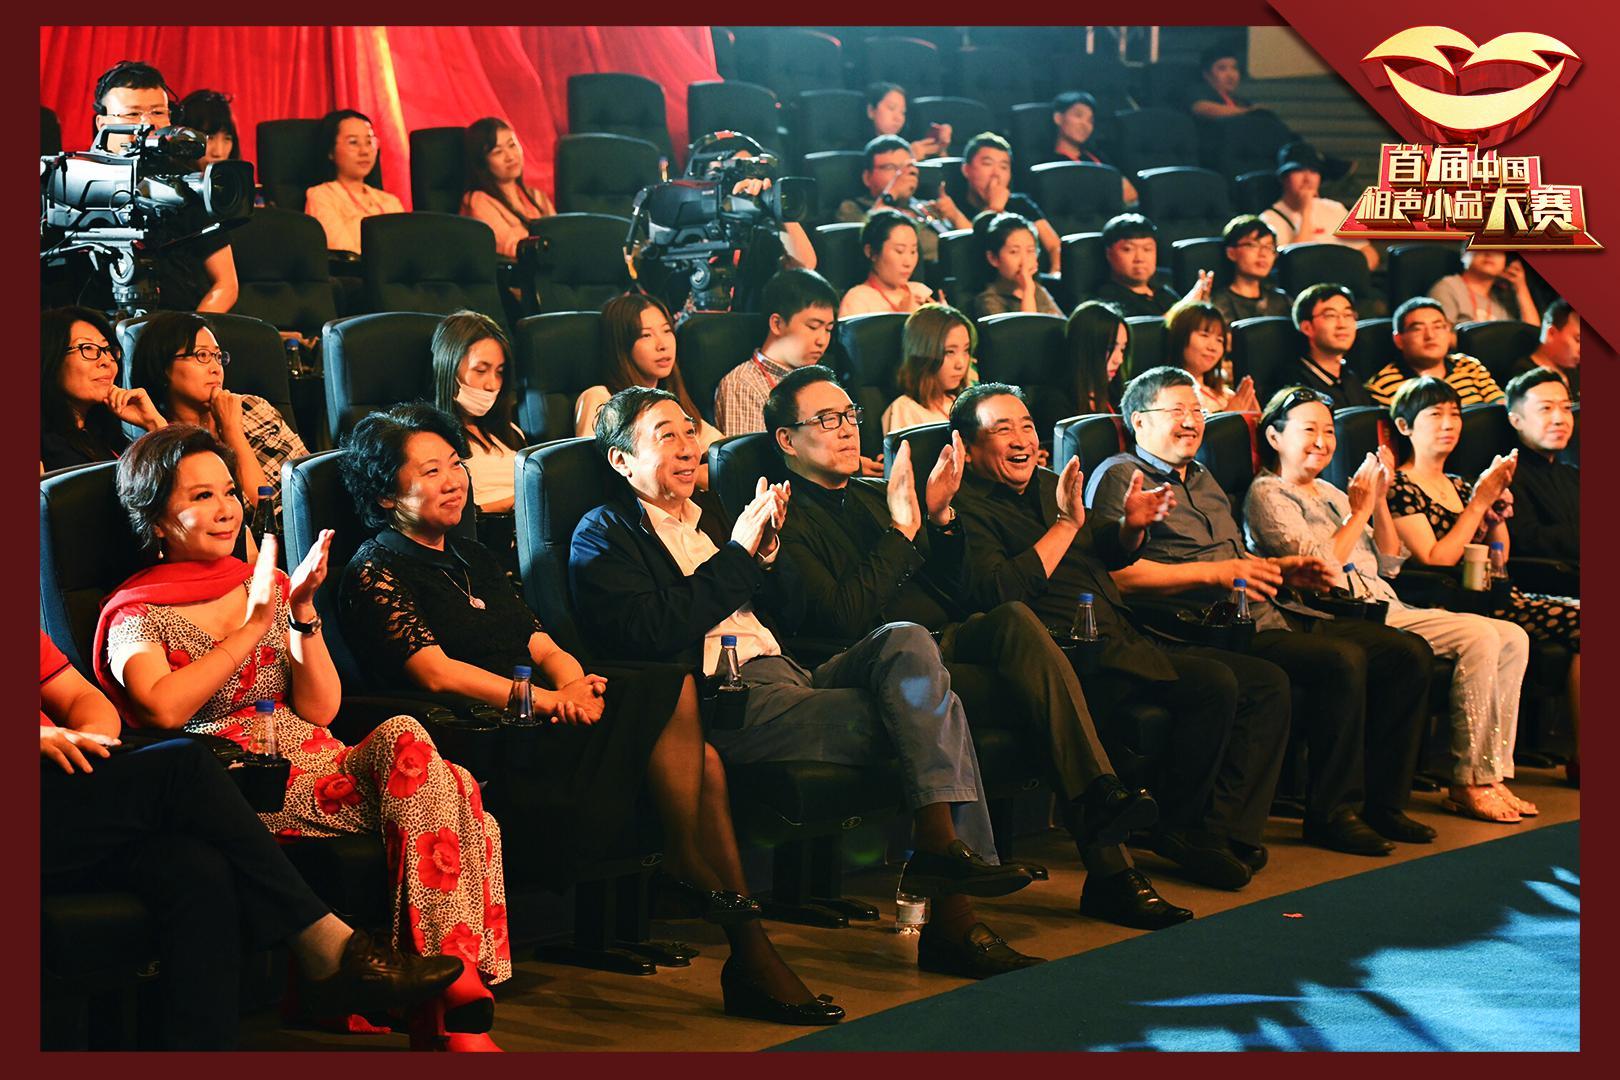 《首届中国相声小品大赛》决赛将播 蔡明冯巩承包笑点[标签:关键词]